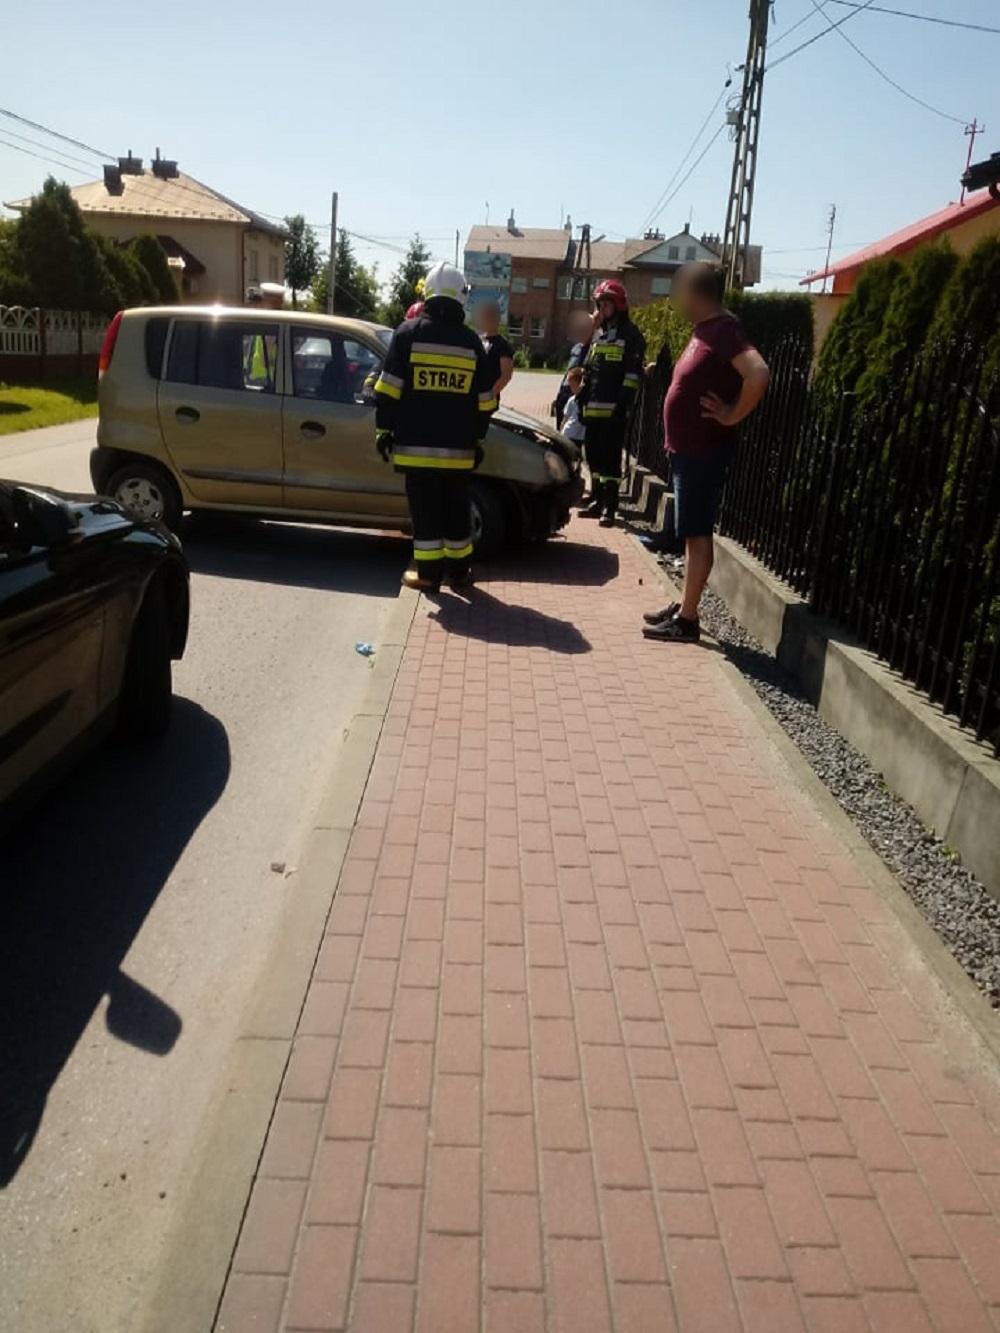 Straciła panowanie nad autem i wjechała w ogrodzenie - Zdjęcie główne